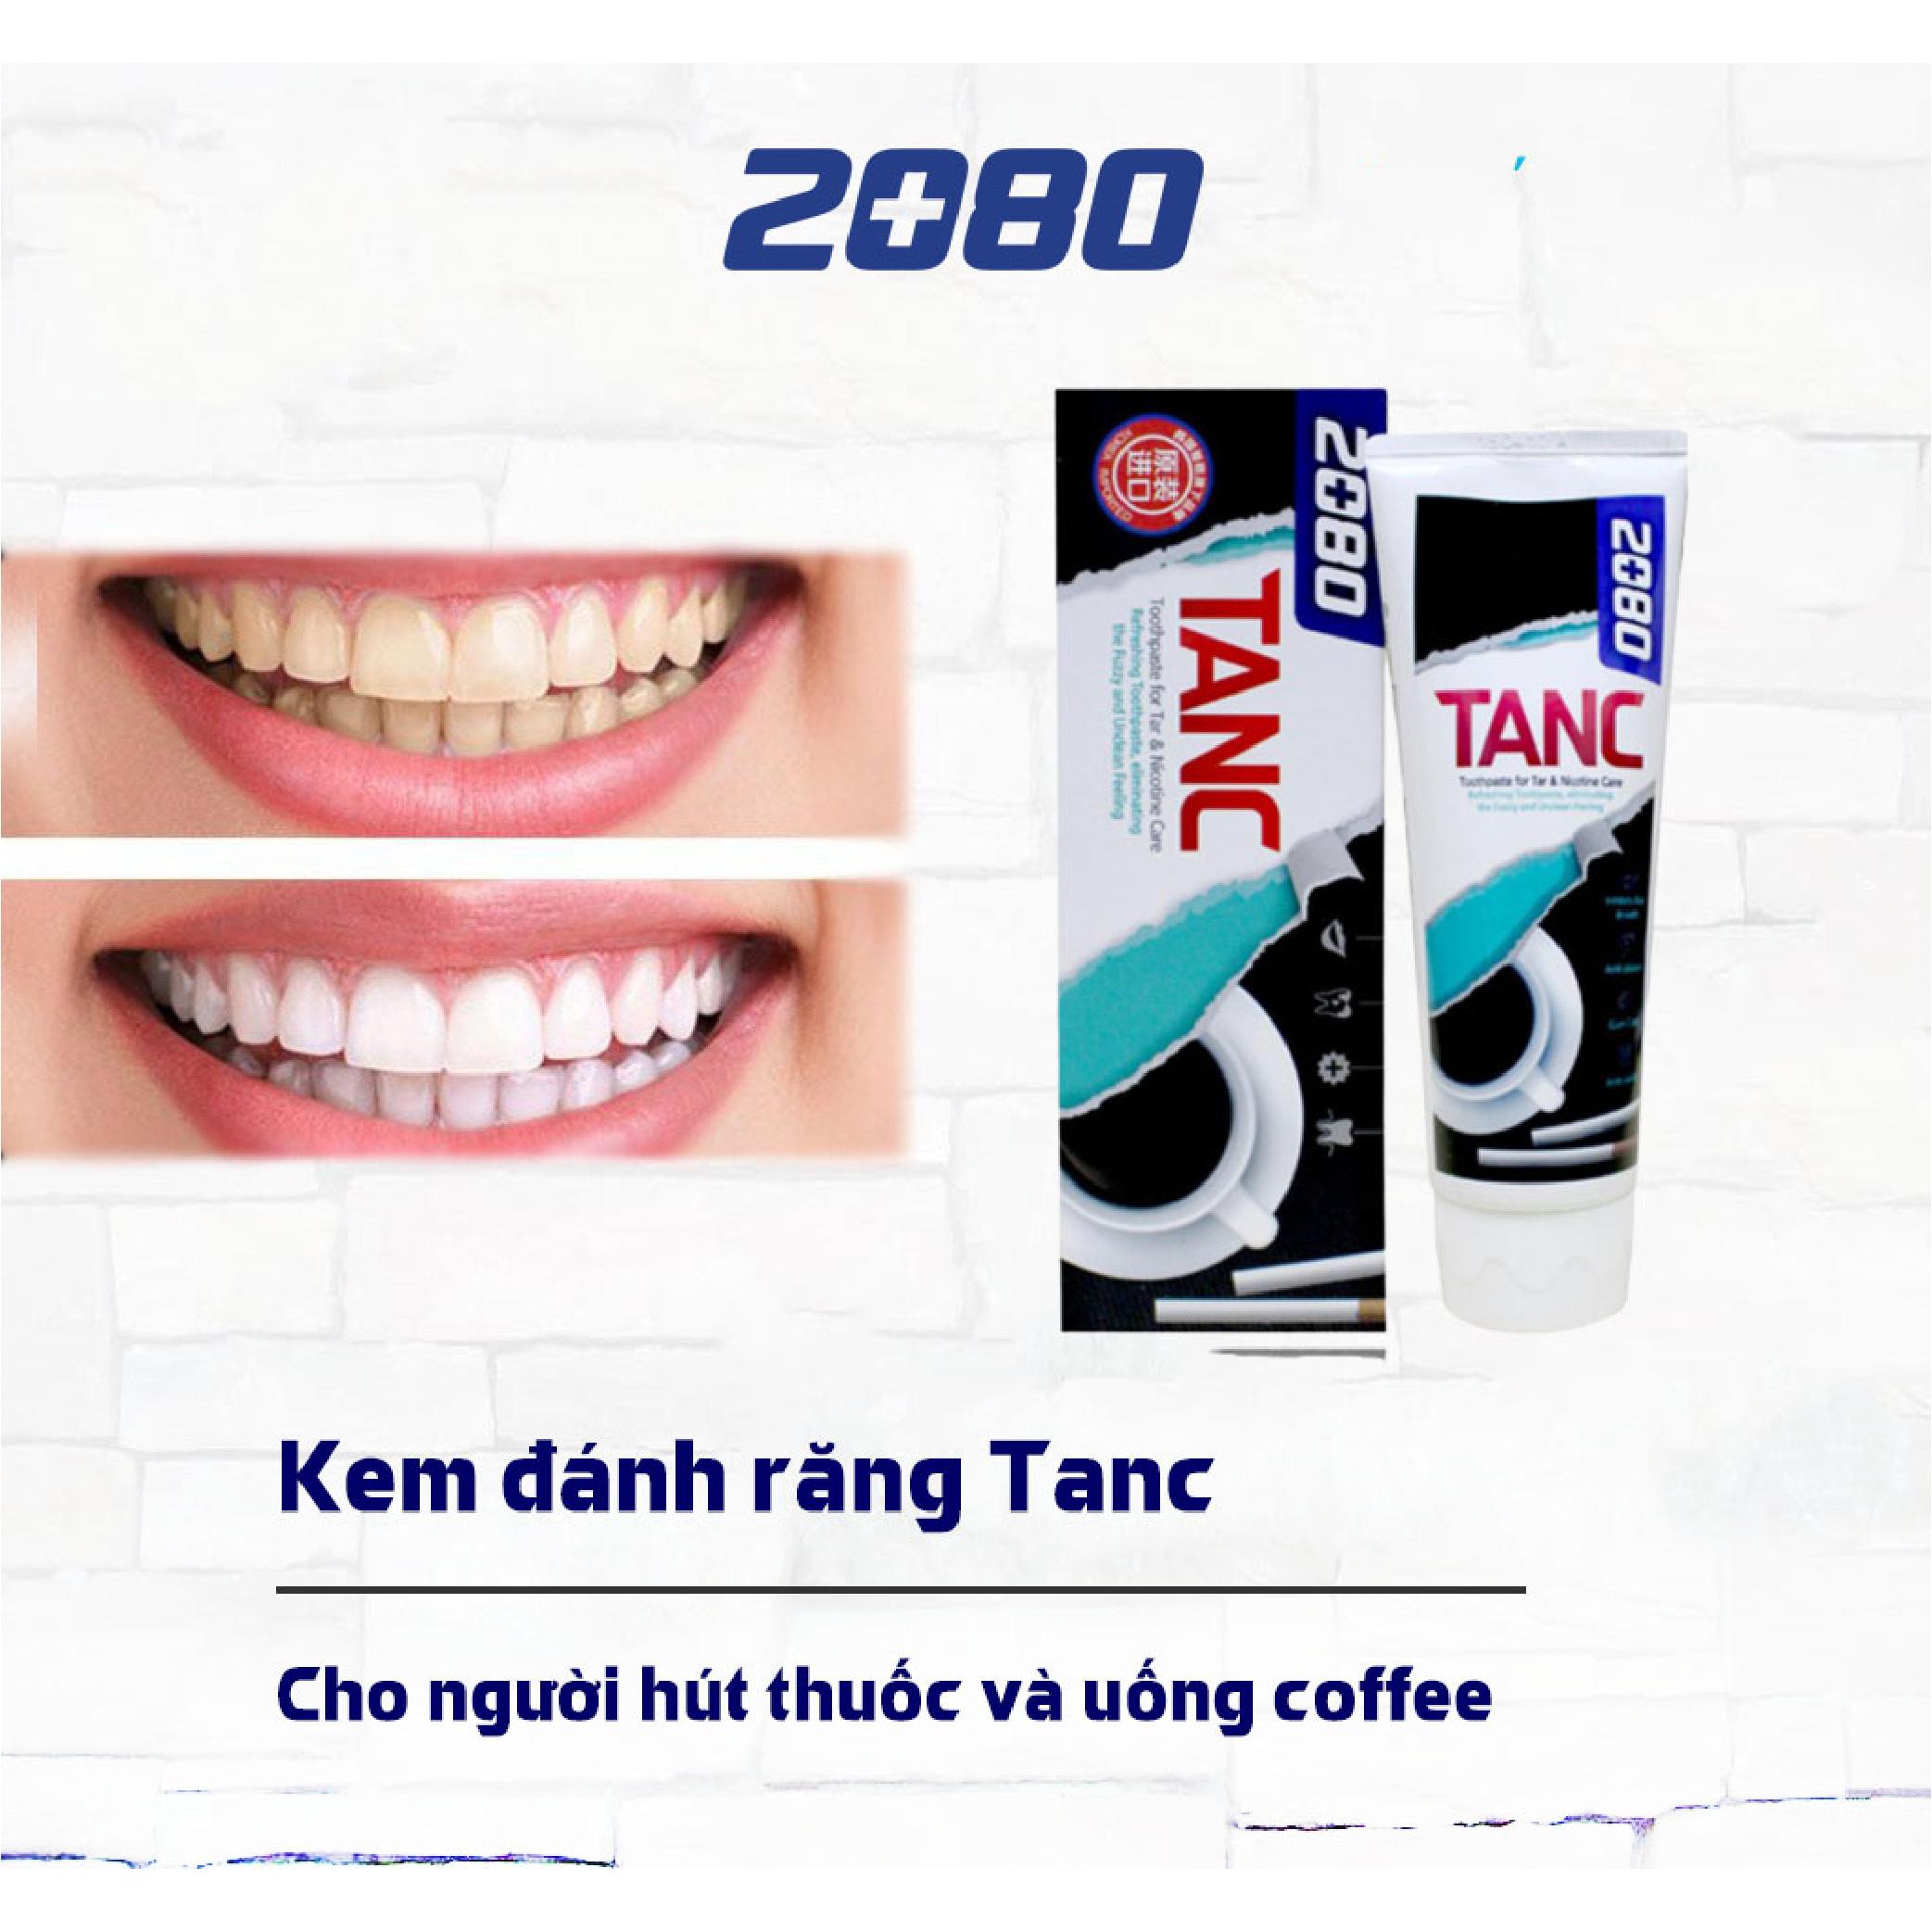 Kem đánh răng khử mùi hôi, bảo vệ men răng và ngừa sâu răng 2080 TANC 100g - Hàn Quốc Chính Hãng